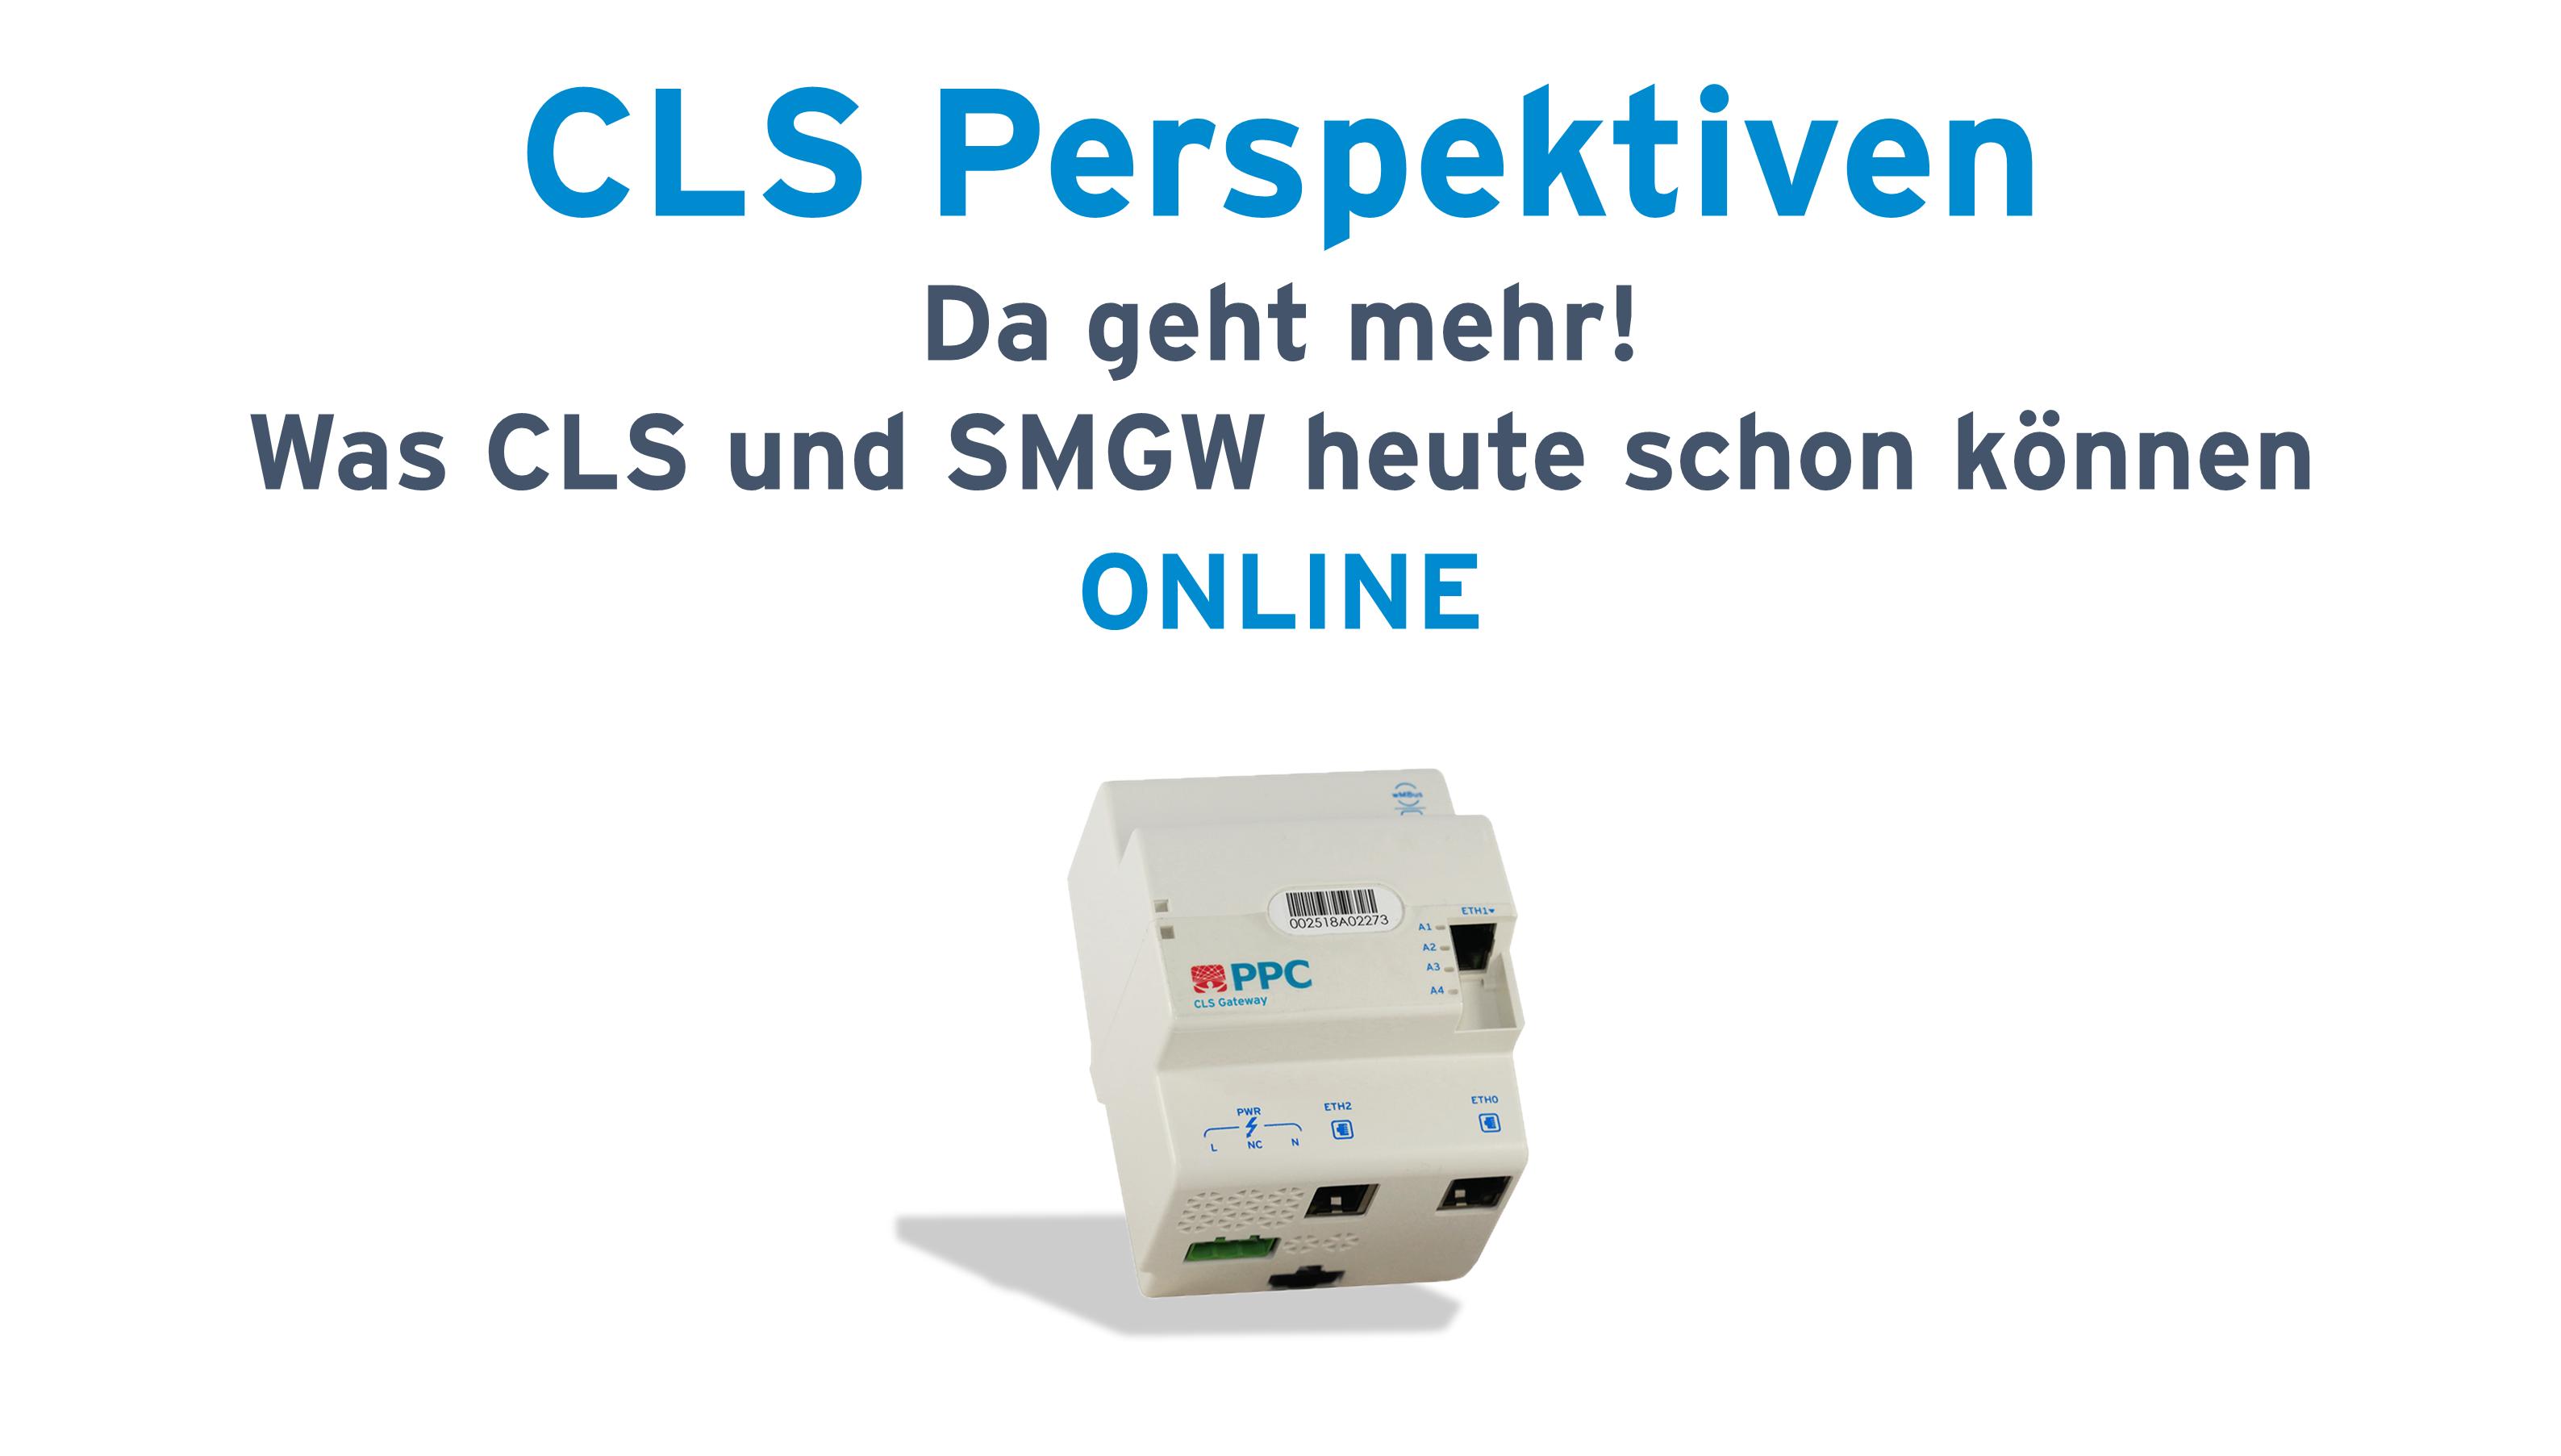 webinarteaser_CLS_perspektiven_1